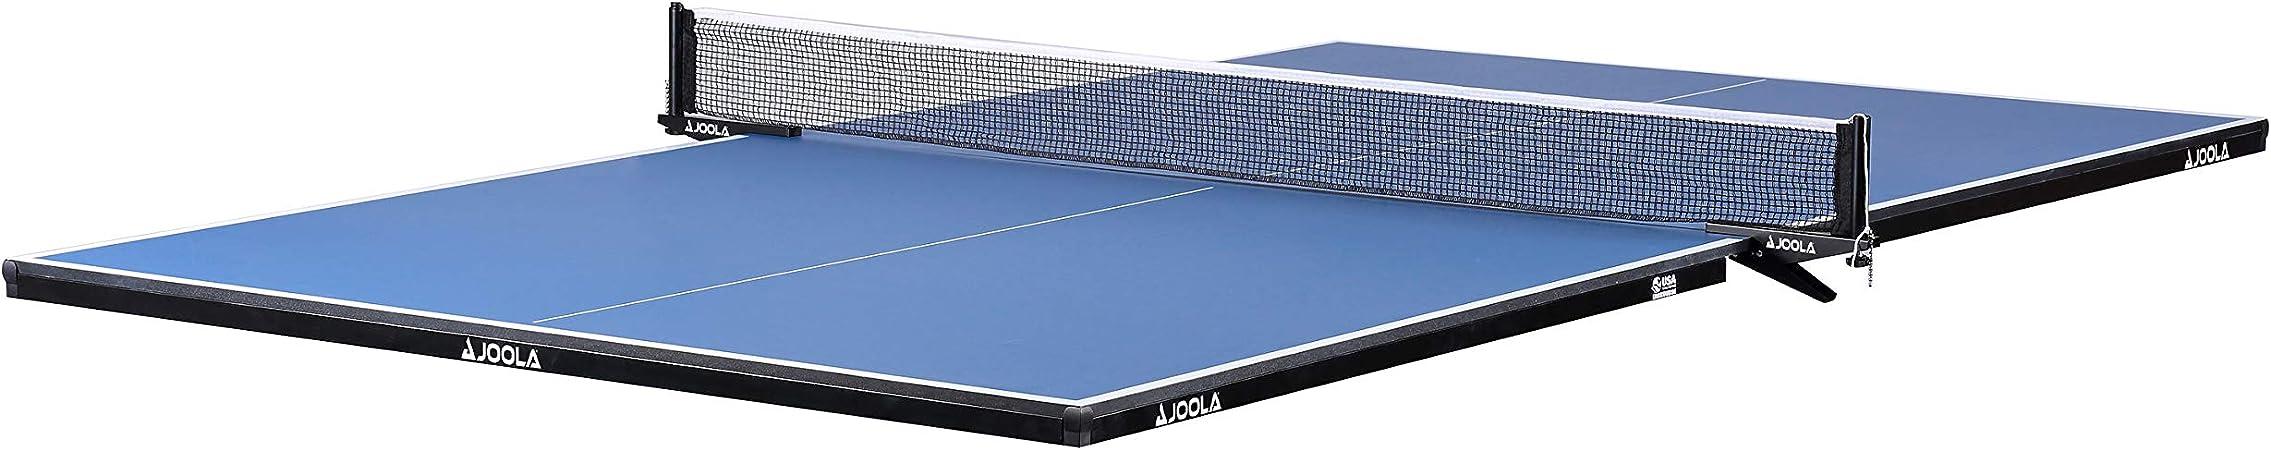 JOOLA ROSSKOPF COMPETITION  Set de tennis de table comp/étition ITTF